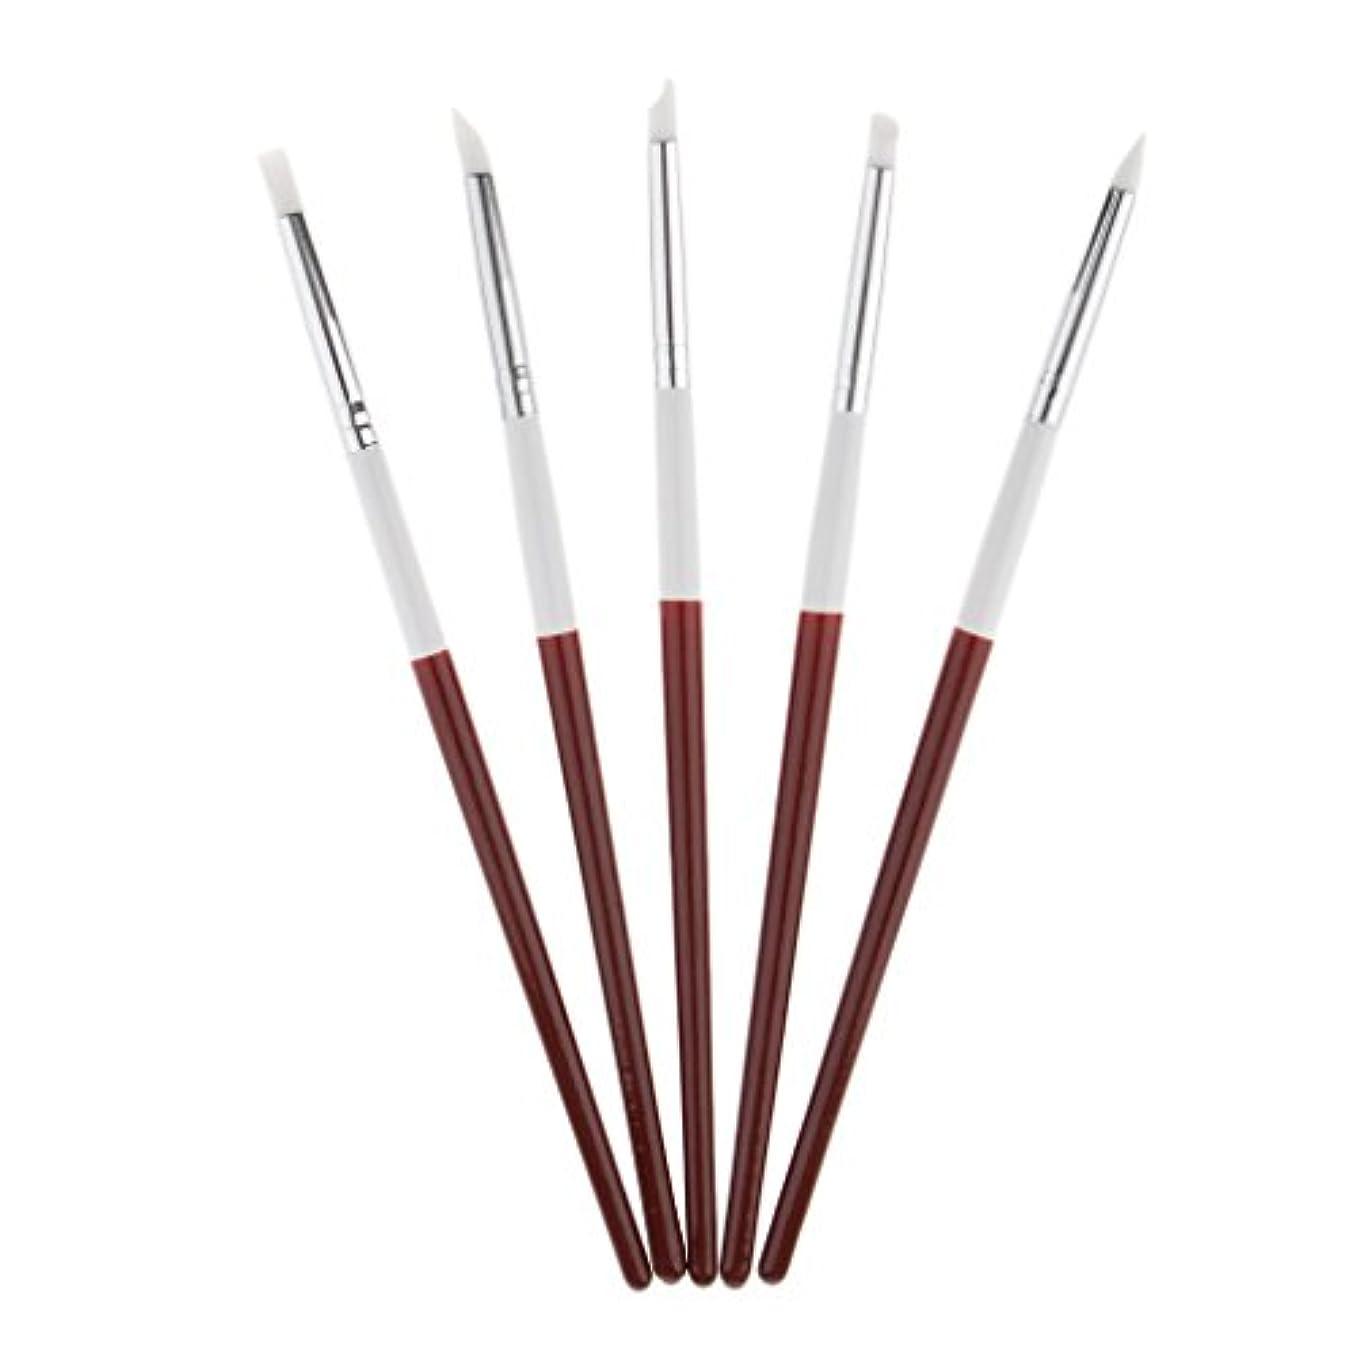 星滅びるしたがって5本 ネイルアートペン ネイルブラシ ネイル ブラシ 絵画 彫刻ペン シリコンヘッド 3タイプ選べる - 18.5cm